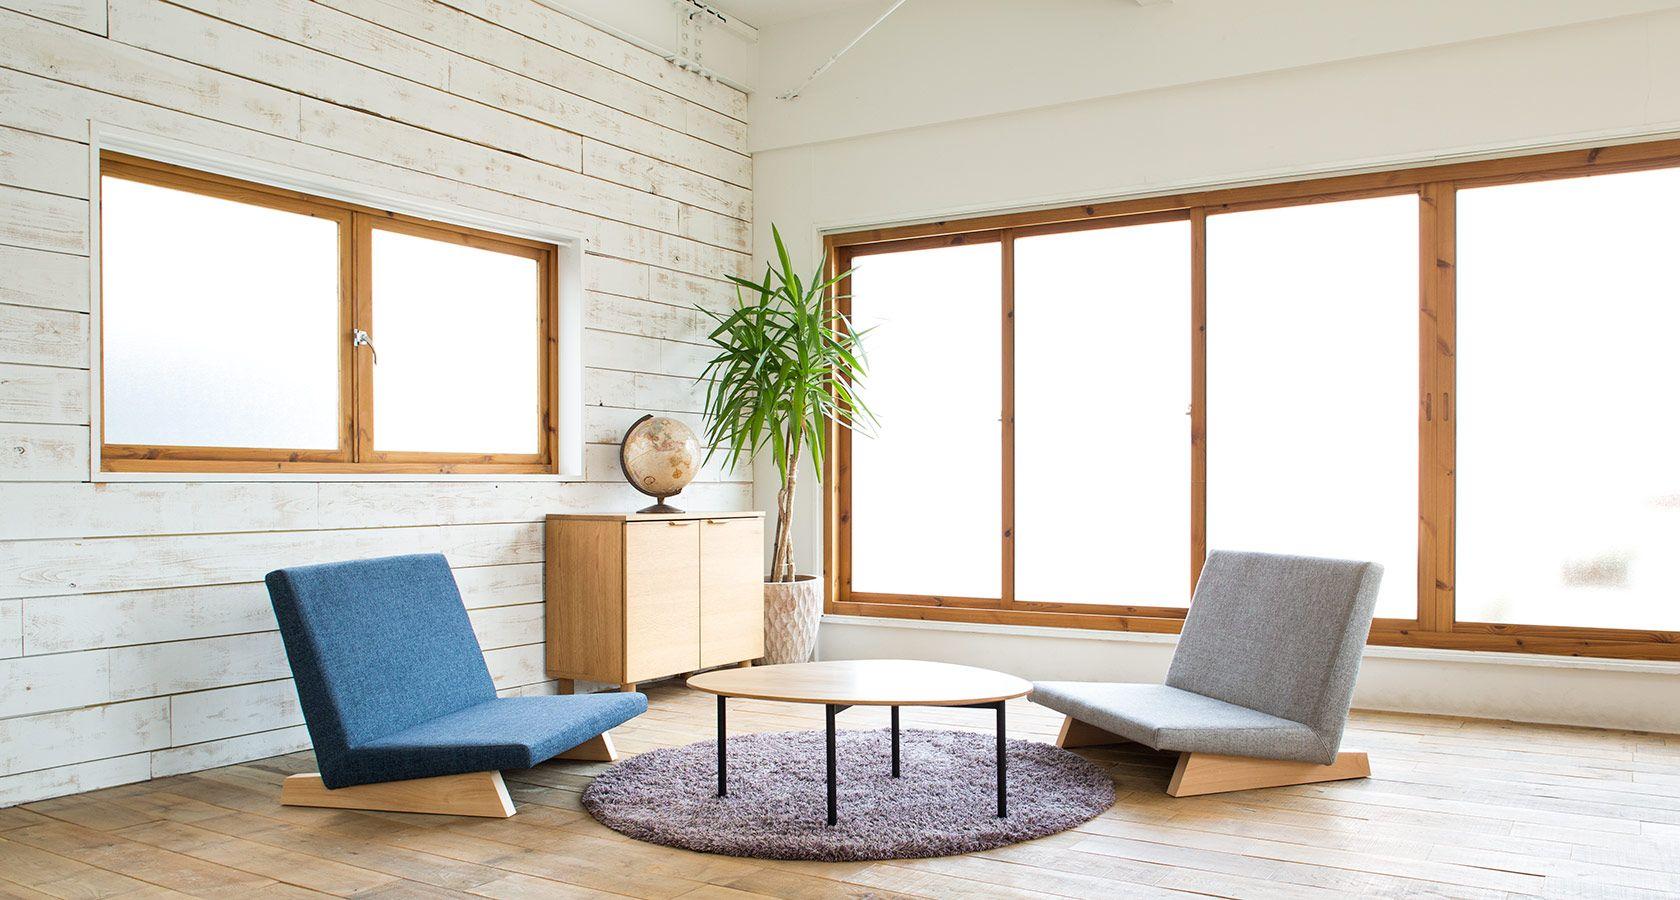 ロータイプソファのシンプルデザインソファ - PENTA 900 Chair ペンタ900チェア | ソファ専門店FLANNEL SOFA